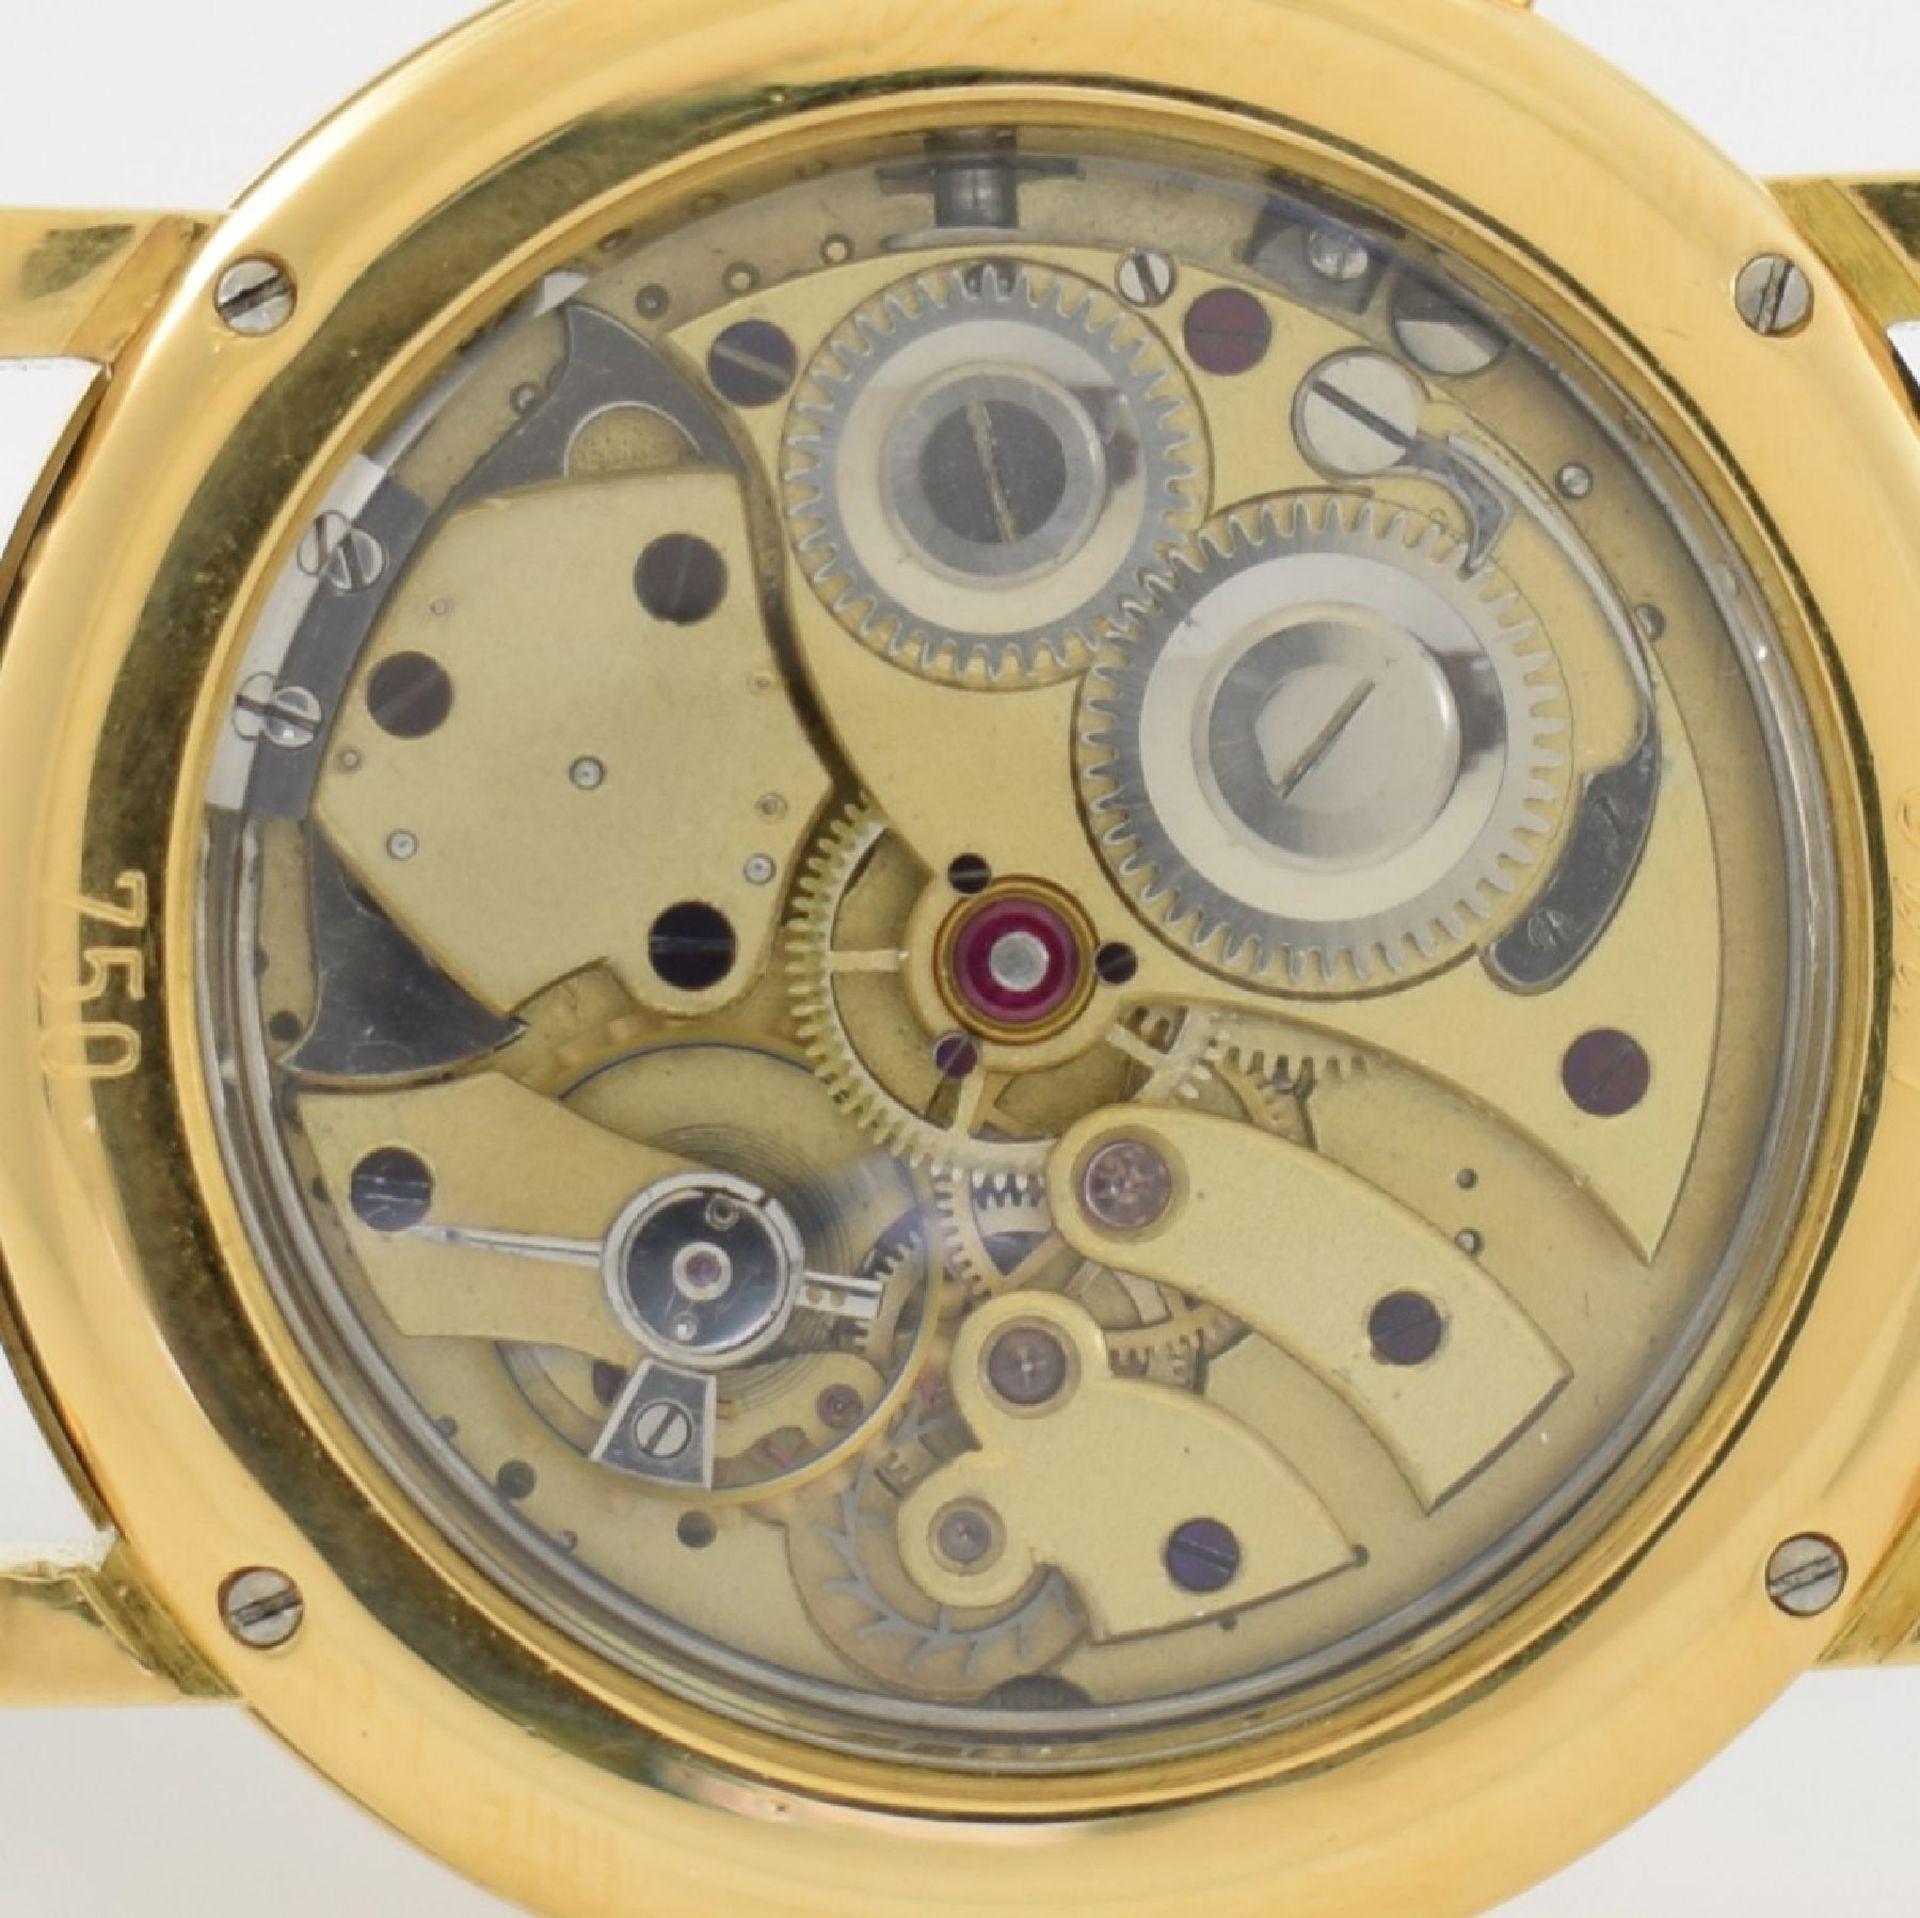 Taschenuhrwerk mit 1/4 Repetition umgebaut zur Armbanduhr in GG 750/000 Gehäuse, Handaufzug, - Bild 8 aus 9